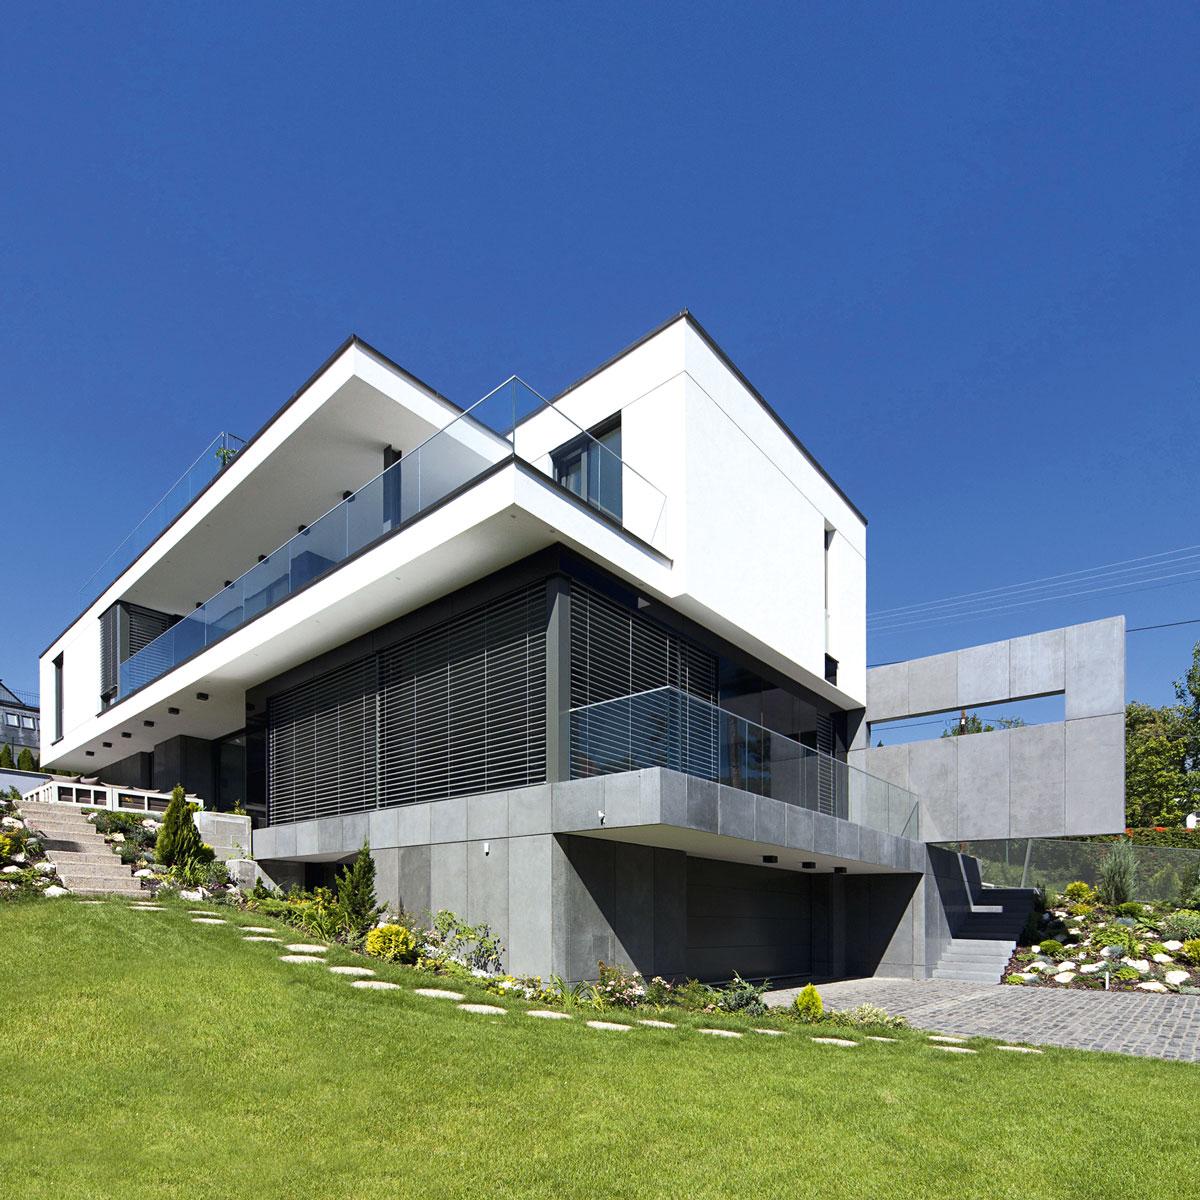 Fasada je naziv za spoljašnji vidljivi deo neke građevine